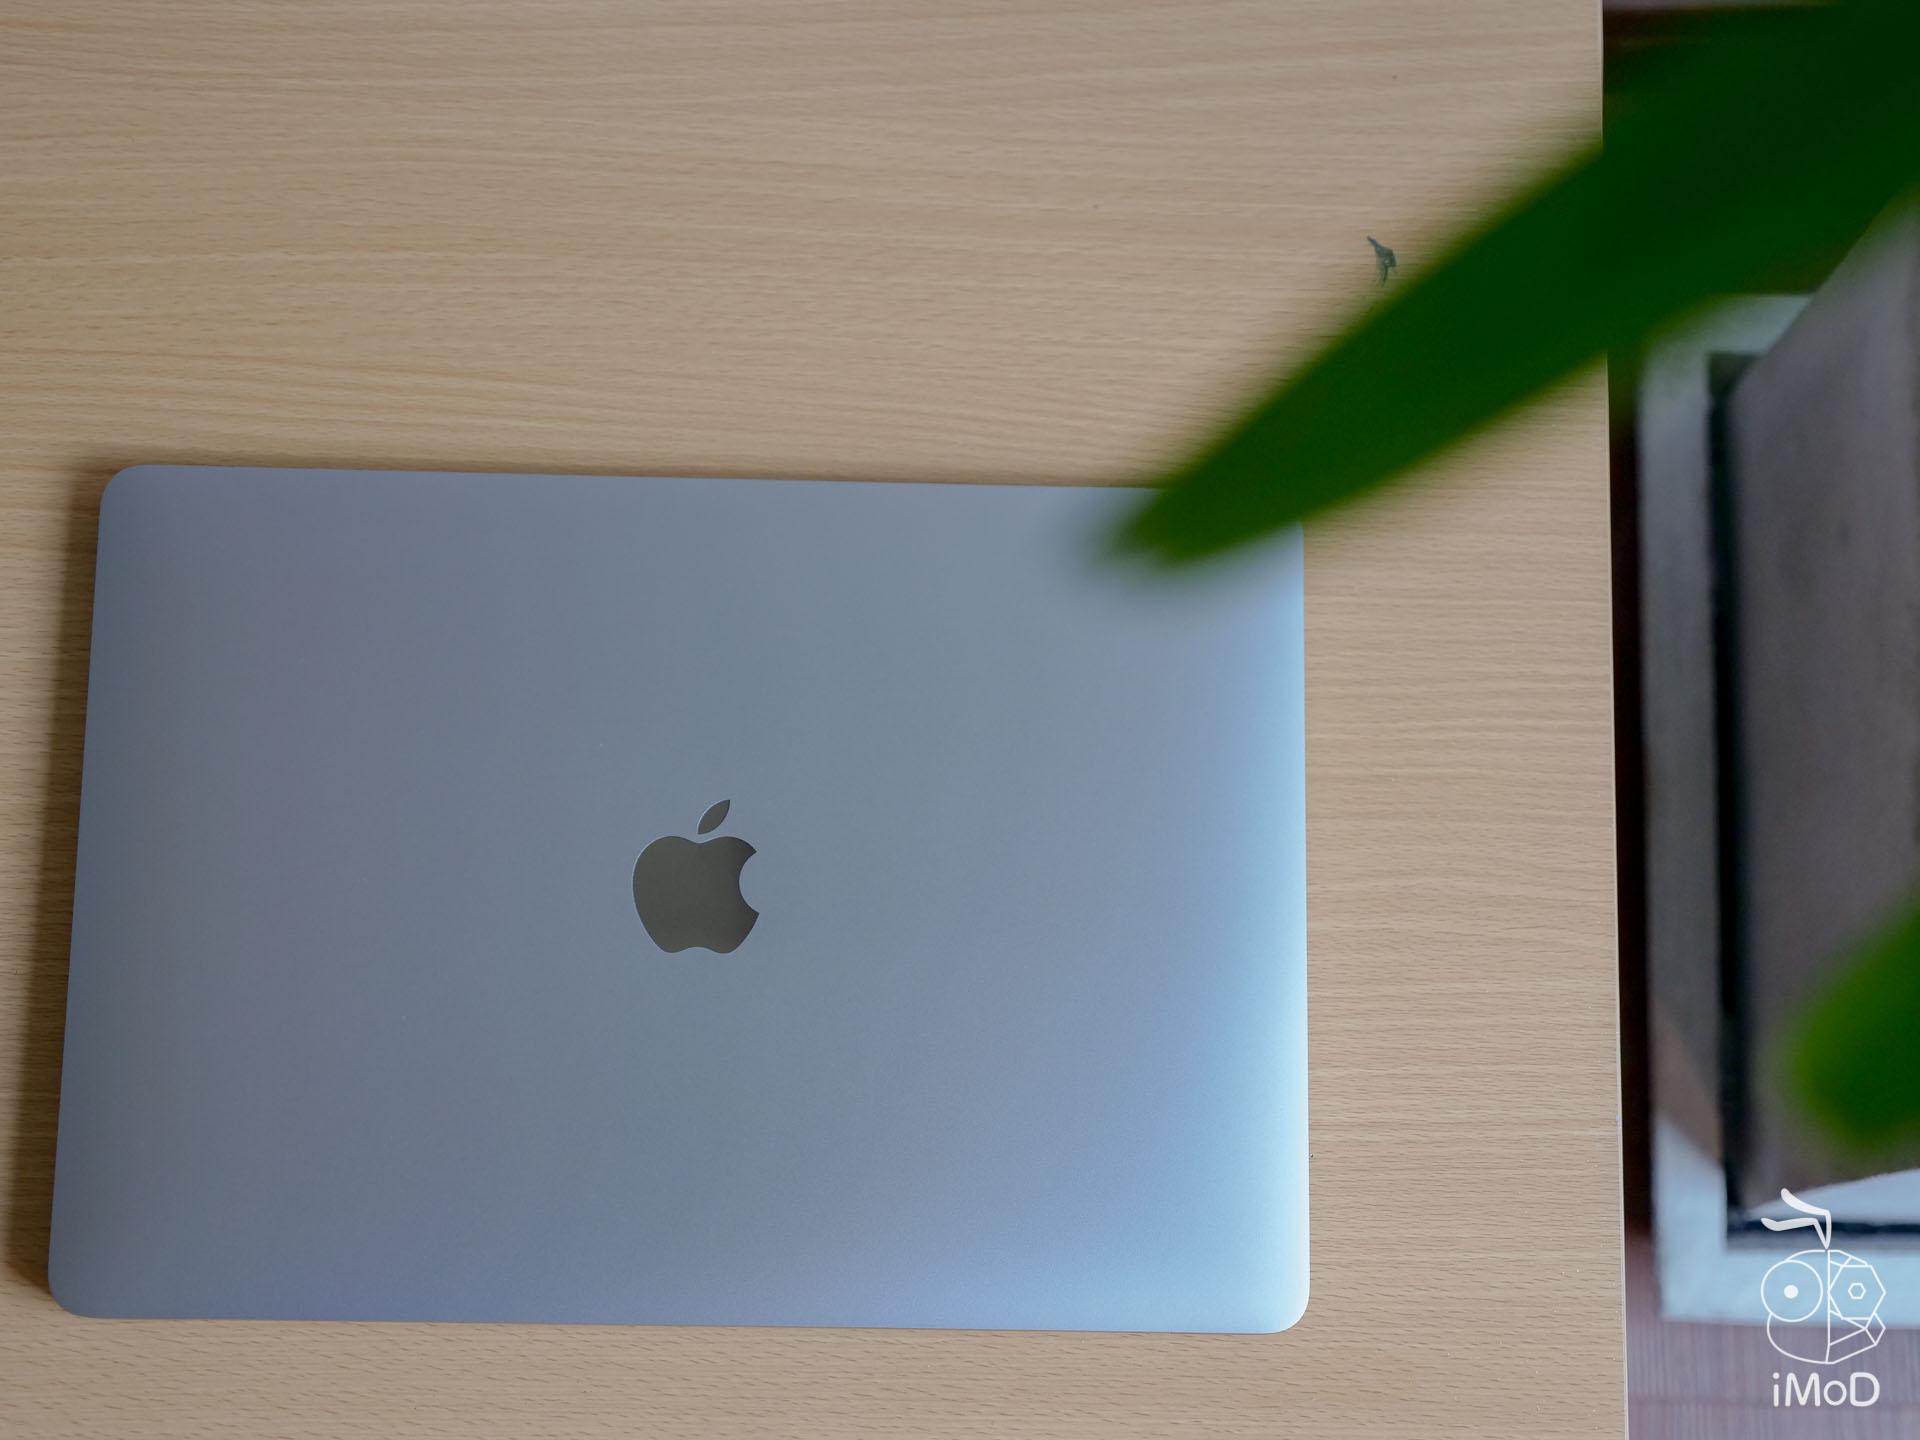 Macbook Air 2108 Review 1222781